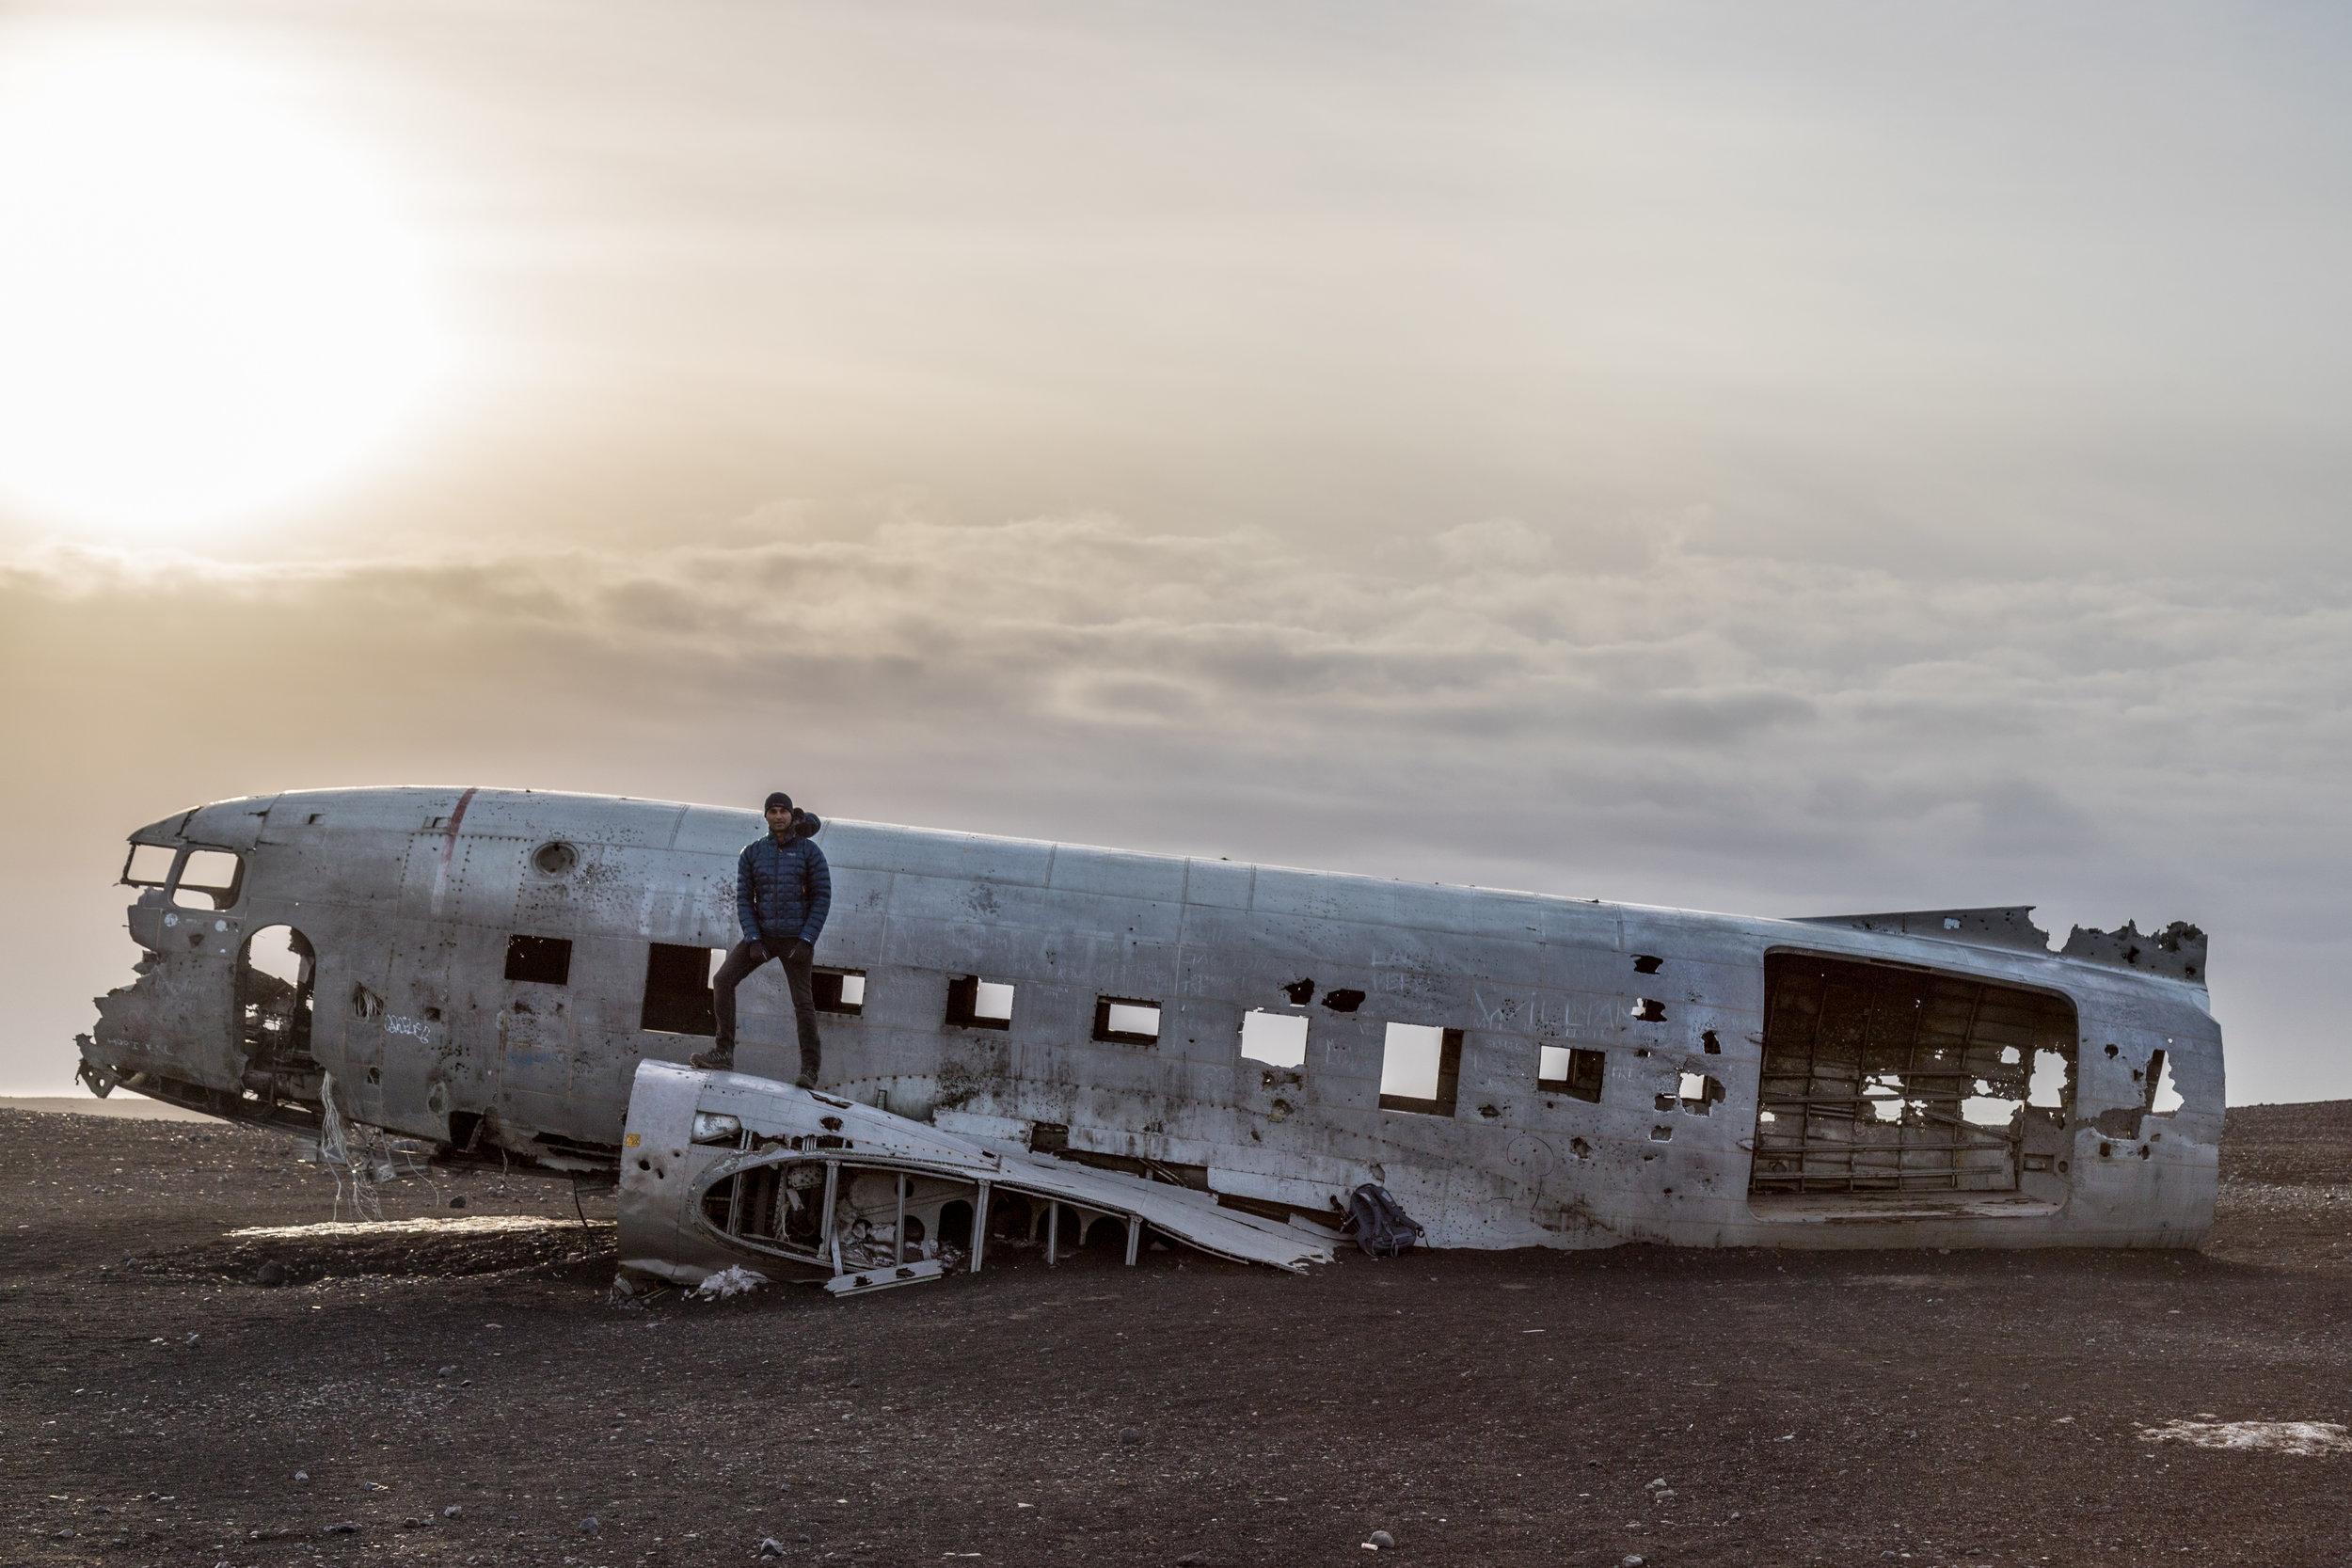 US Navy DC-3 plane downed in 1973 on Sólheimasandur Beach, Iceland